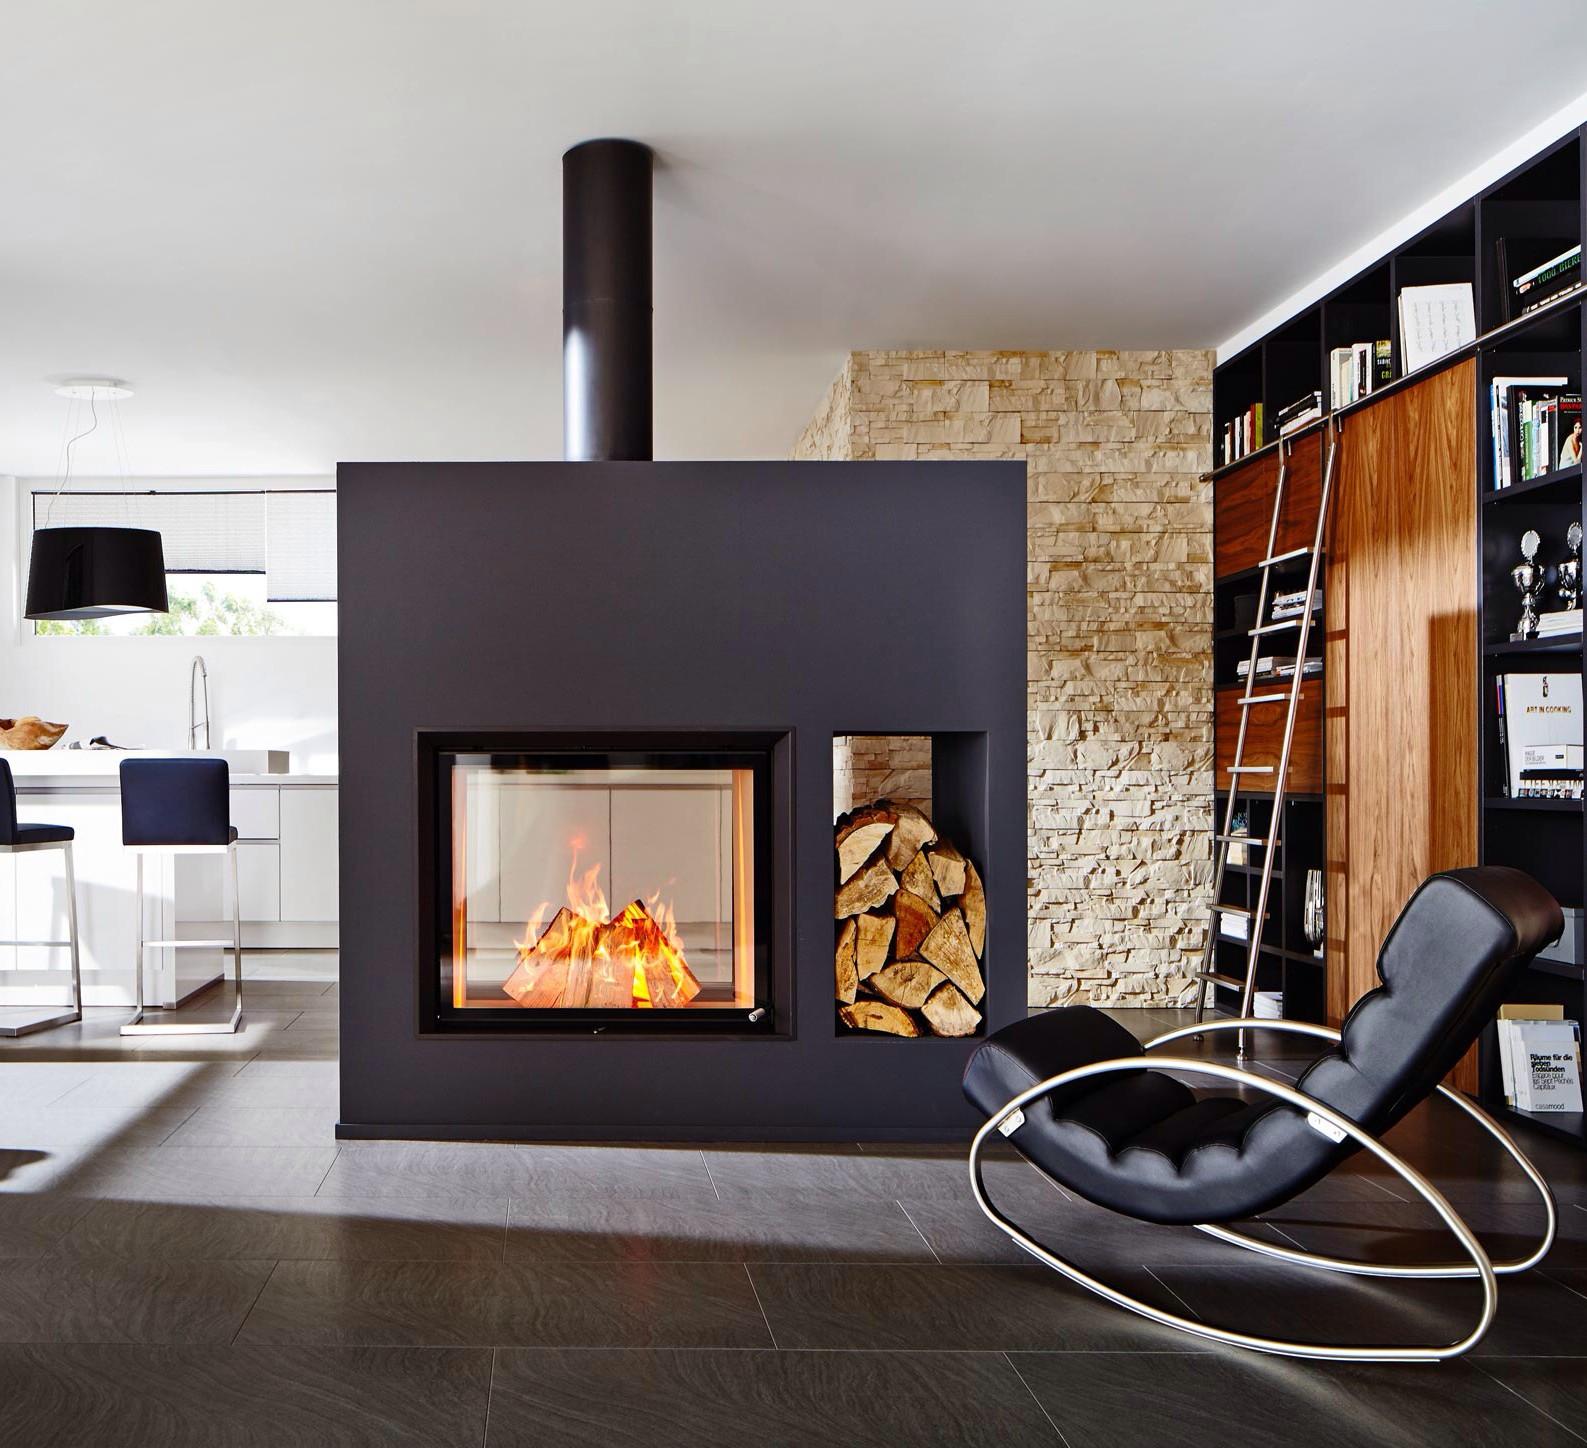 chiemsee fen kachelofen kaminofen bei rosenheim das werkhaus. Black Bedroom Furniture Sets. Home Design Ideas